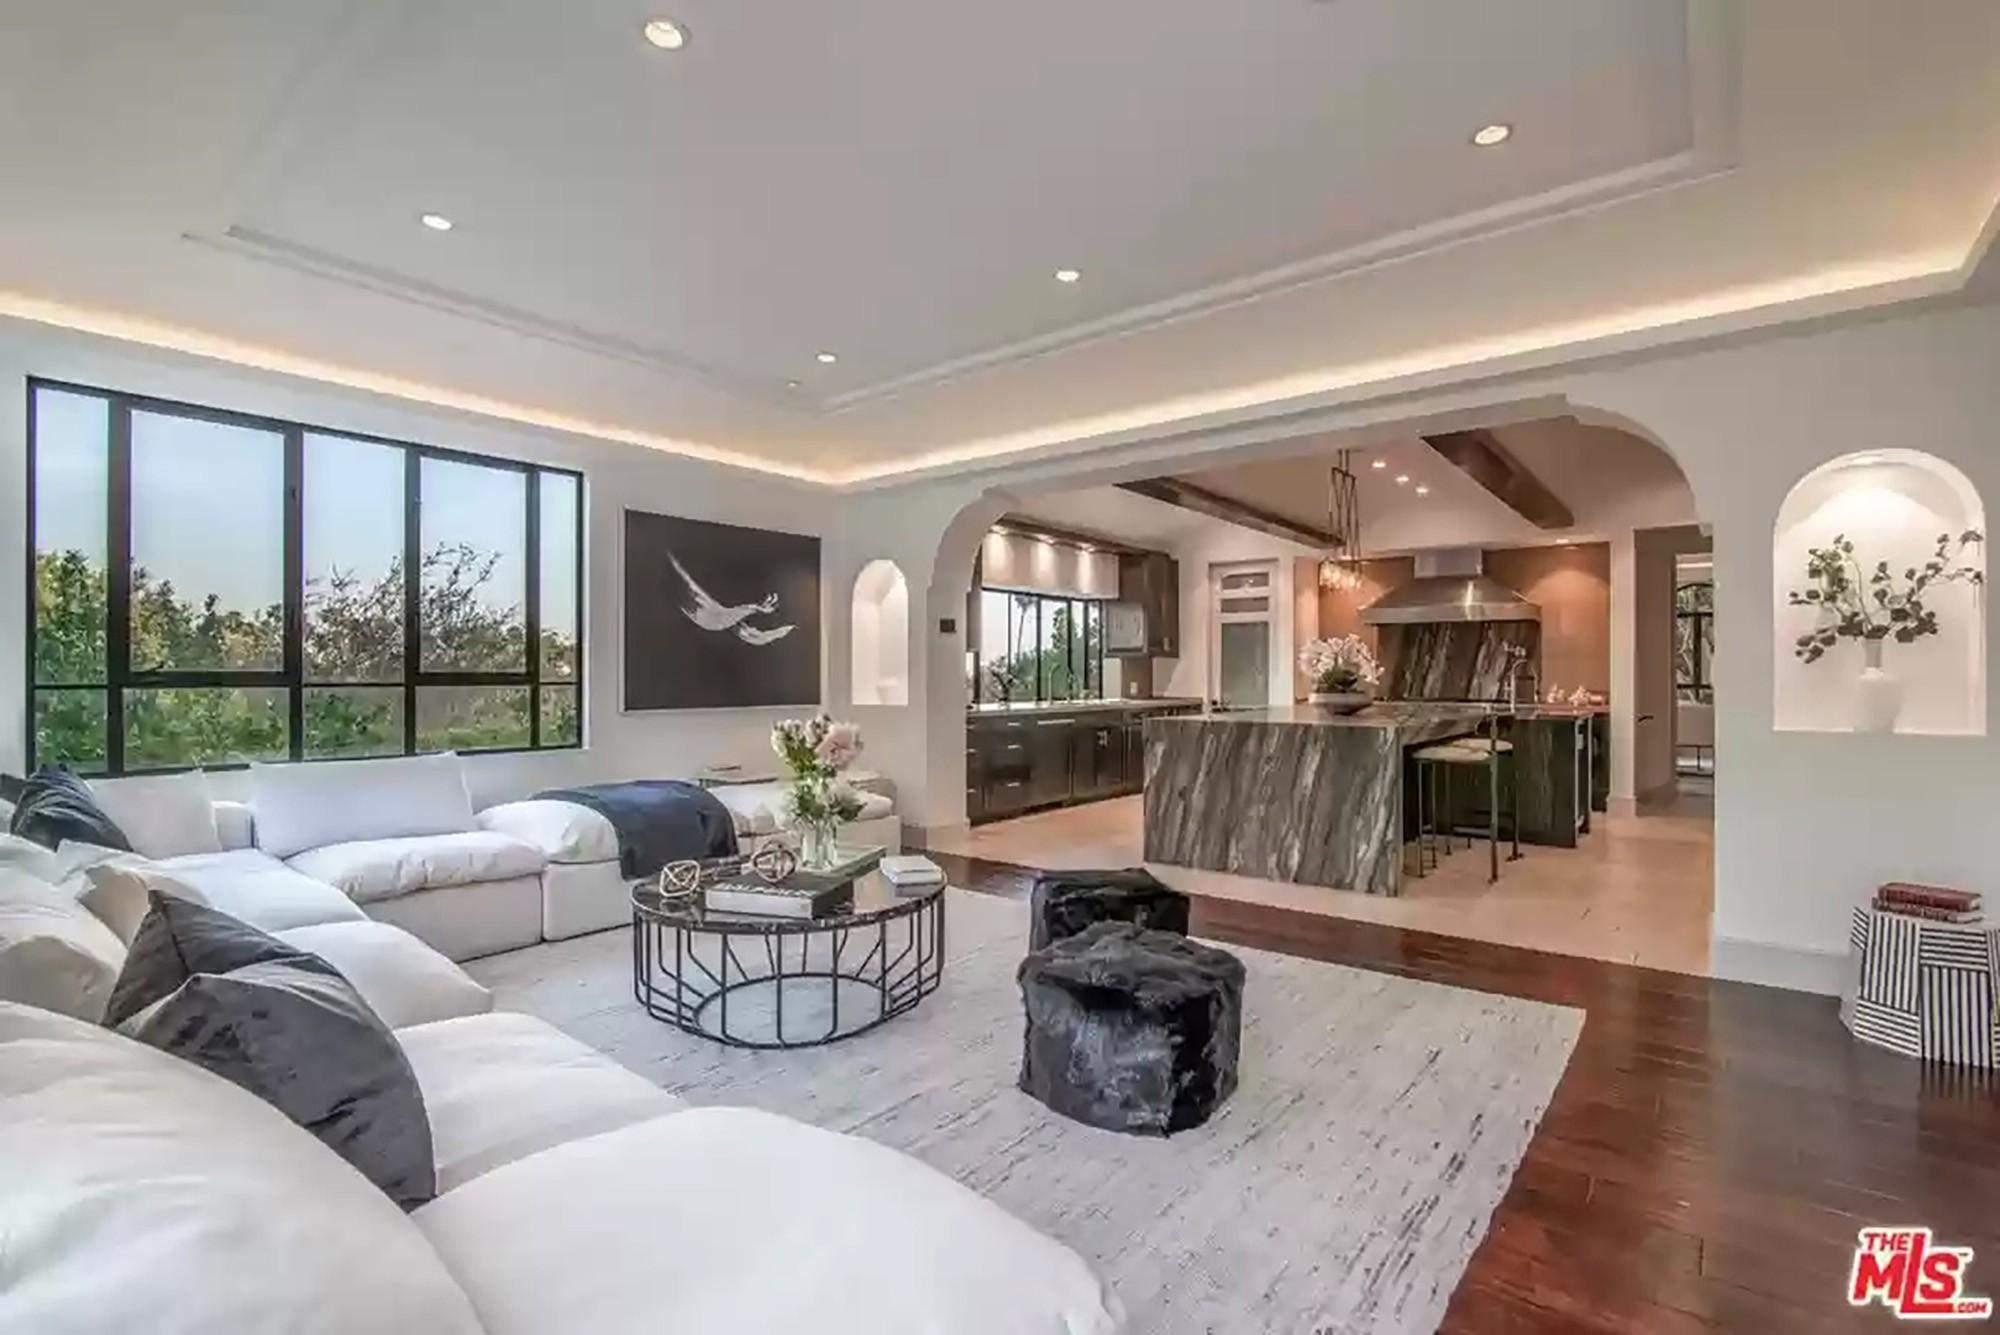 Ріанна підняла ціну на свій особняк до 7,8 мільйона доларів: особливості помешкання